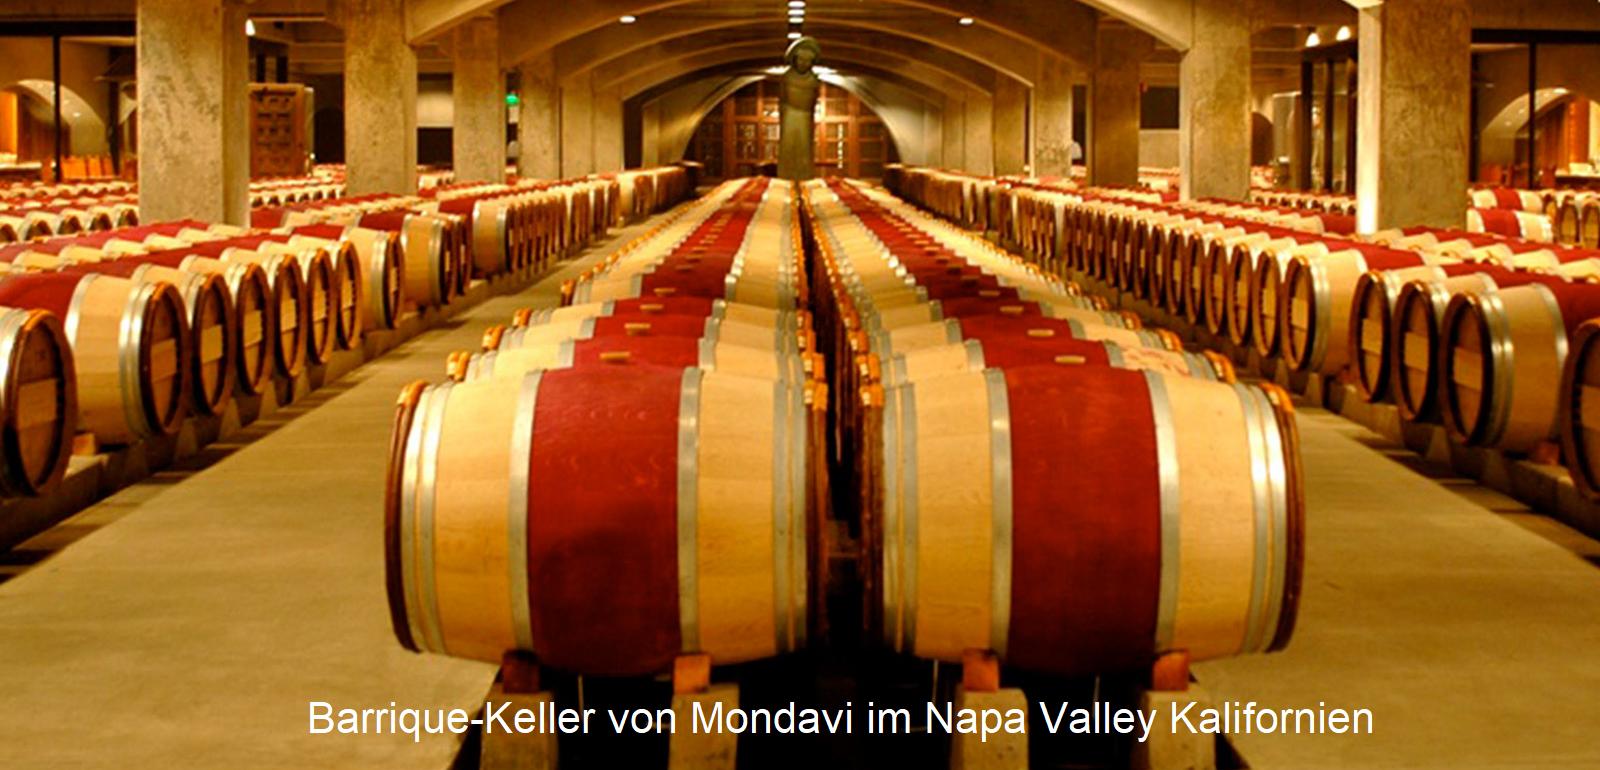 größte Weinfirmen - Barriquekeller-Mondavi-Winery im Napa Valley Kalifornien